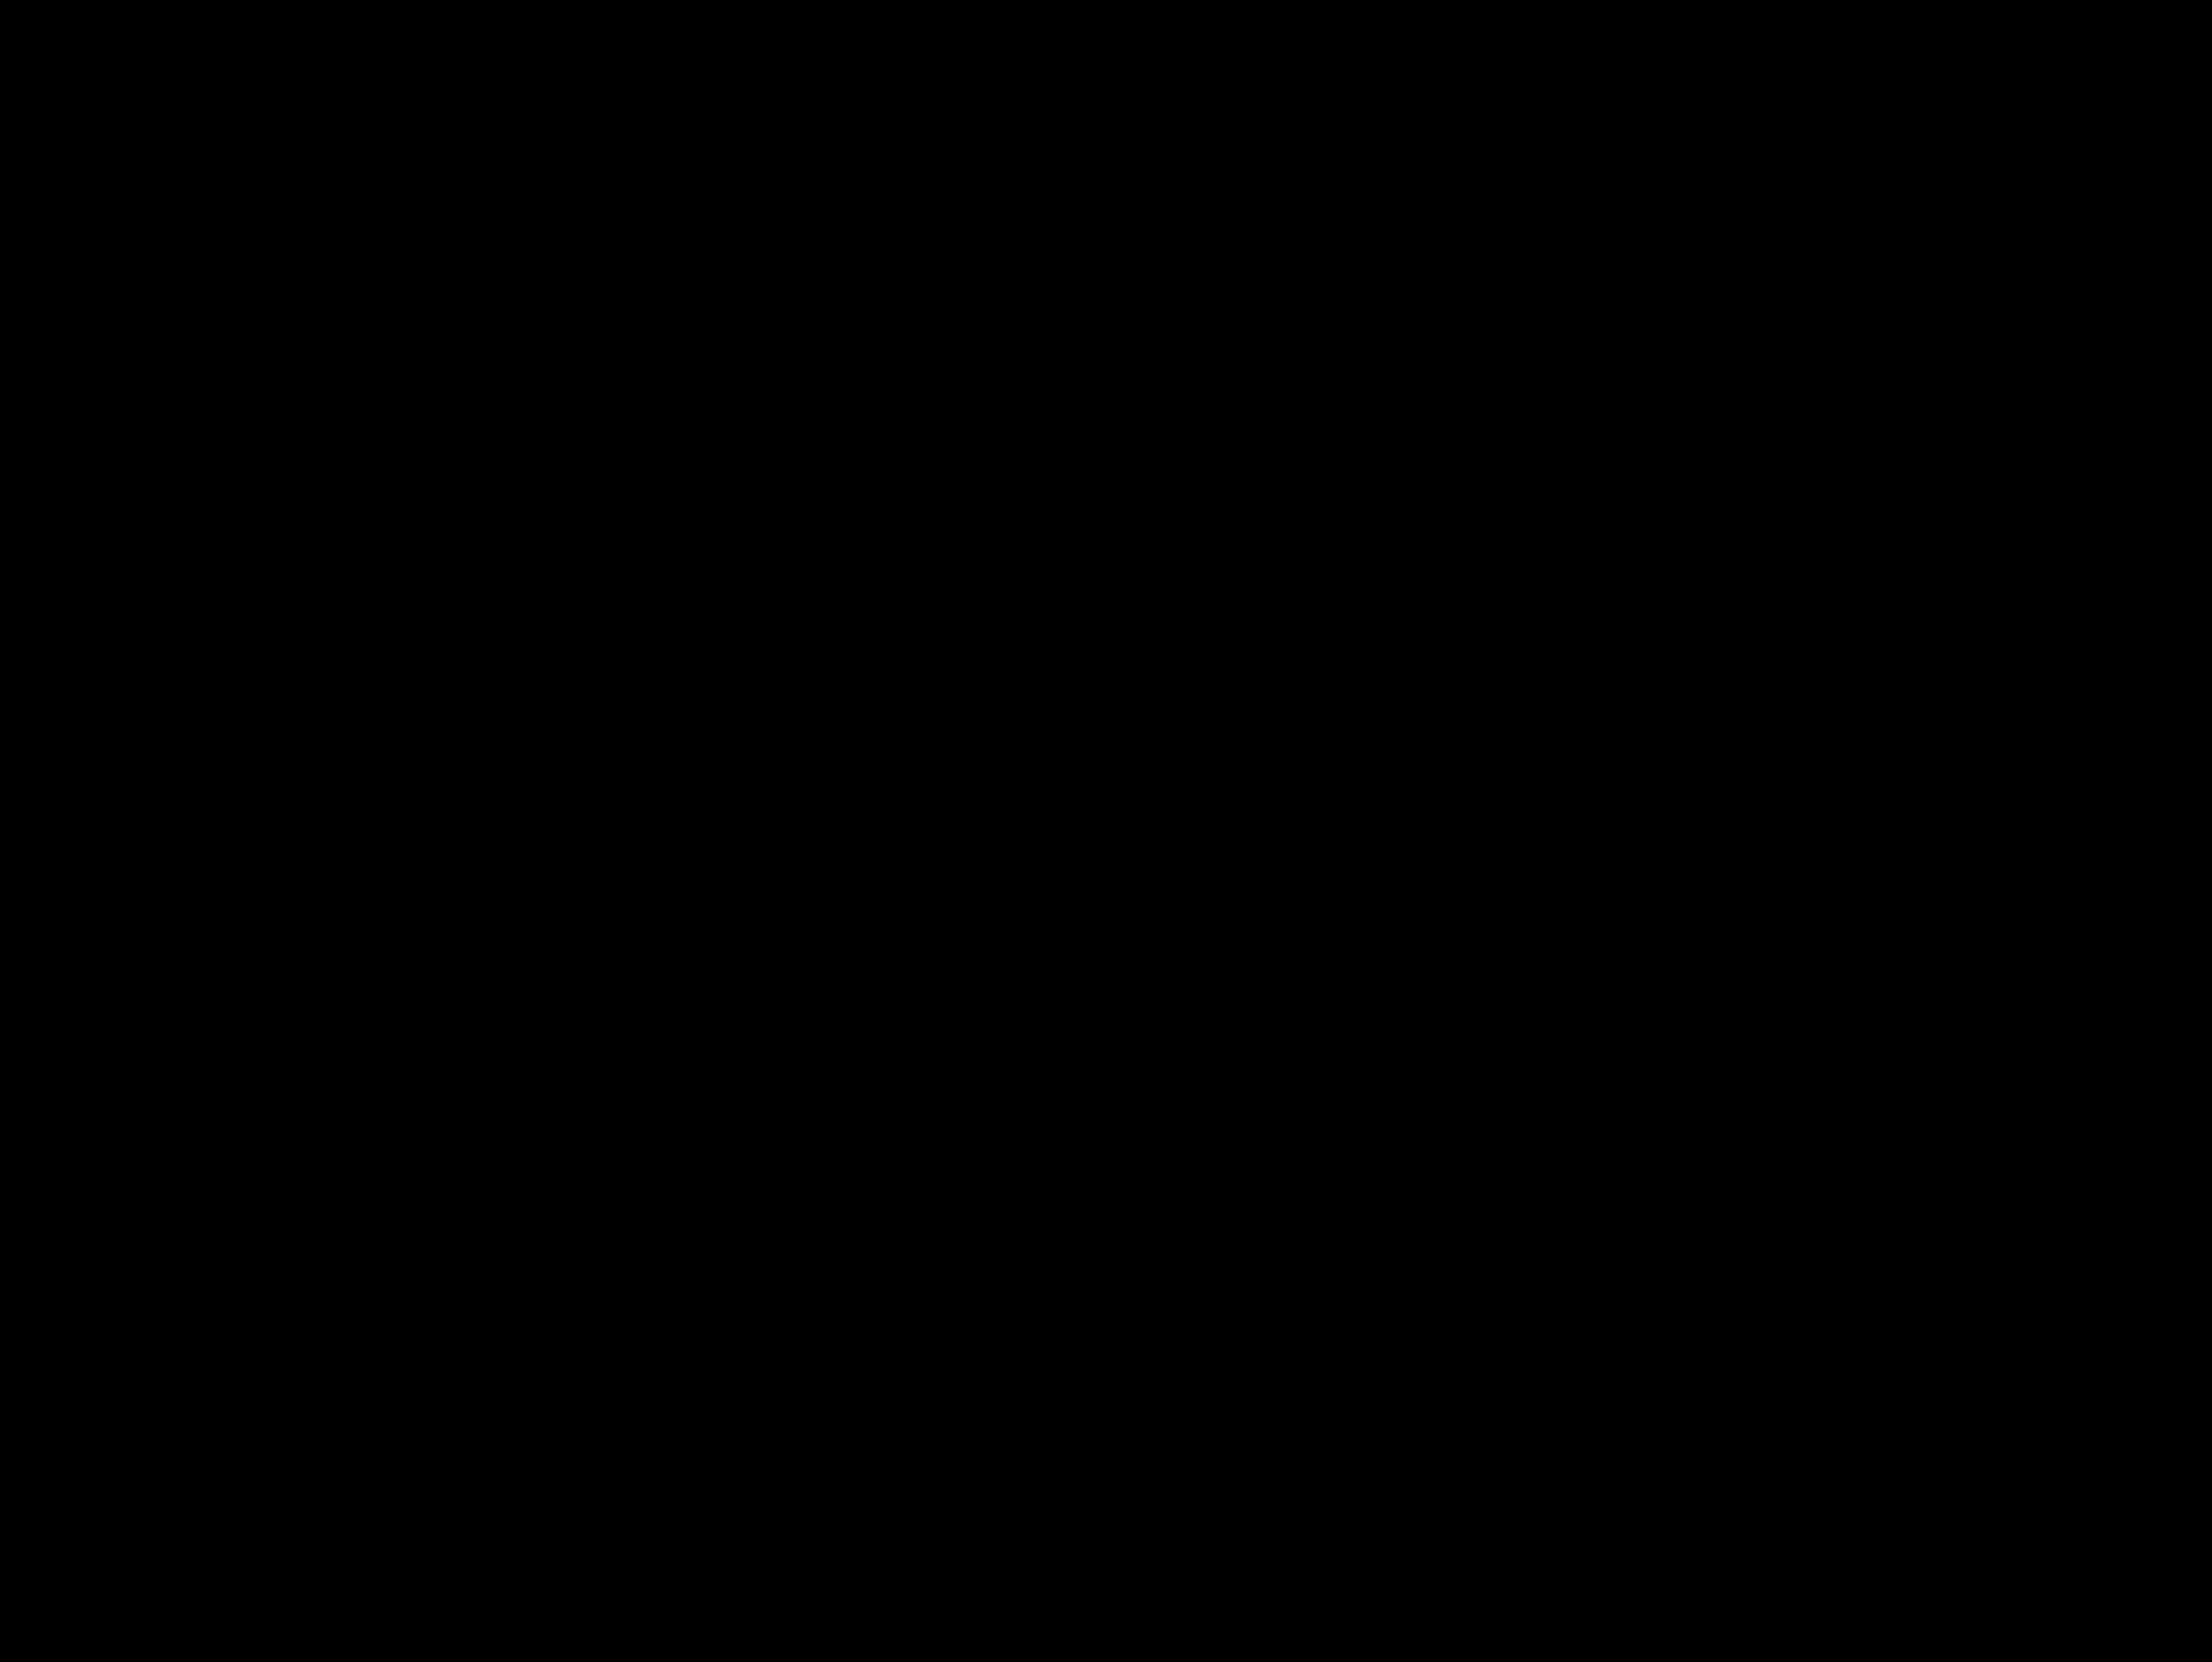 massage brommaplan online dejting